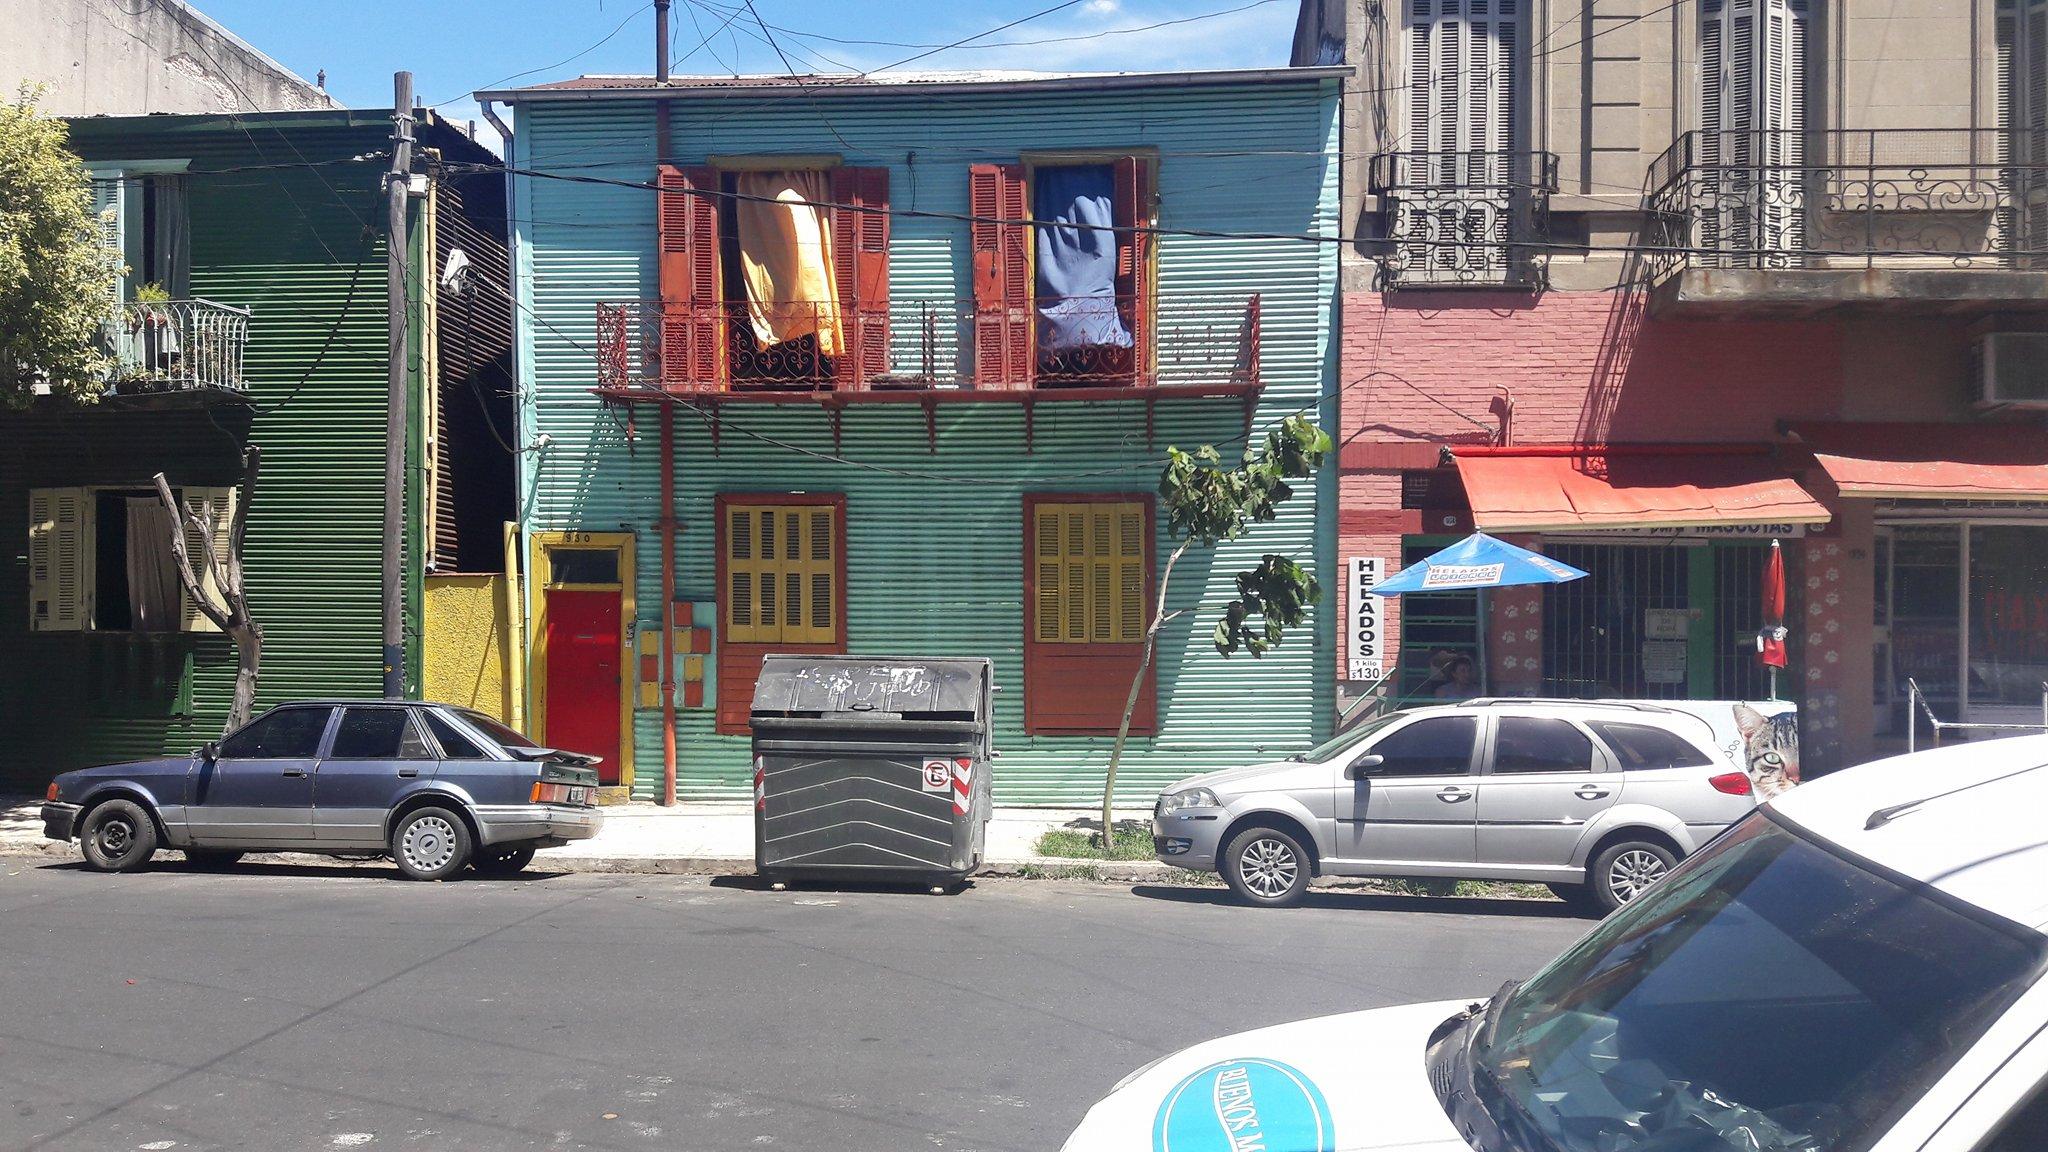 09.12.16 Der bunte, alte und arme Stadtteil La Boca